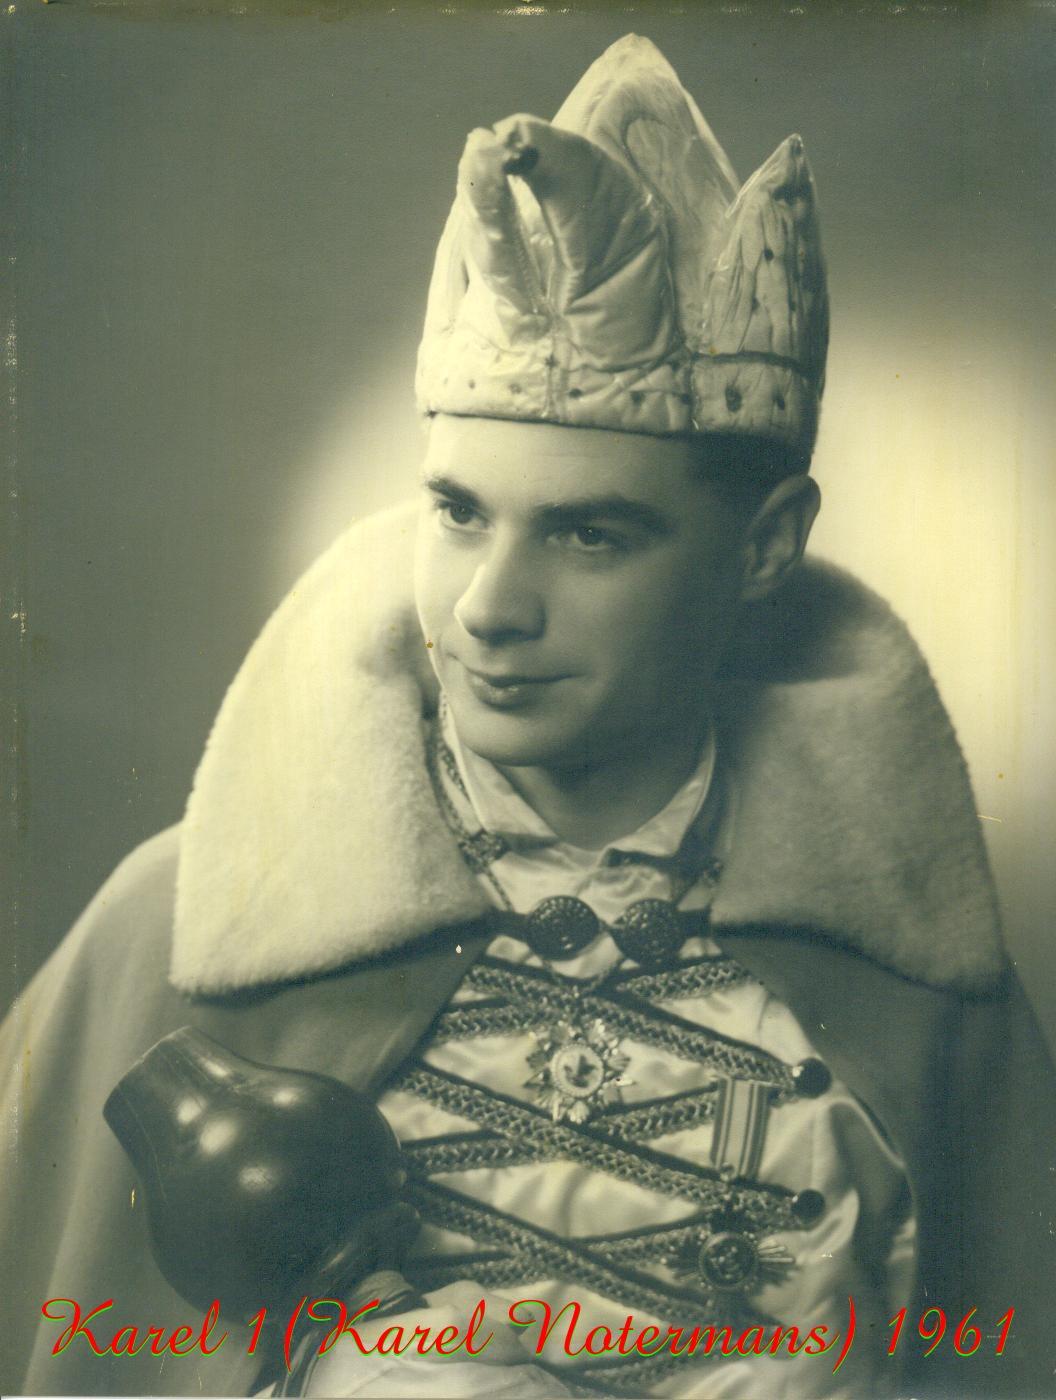 1961 Prins Karel (I) Notermans